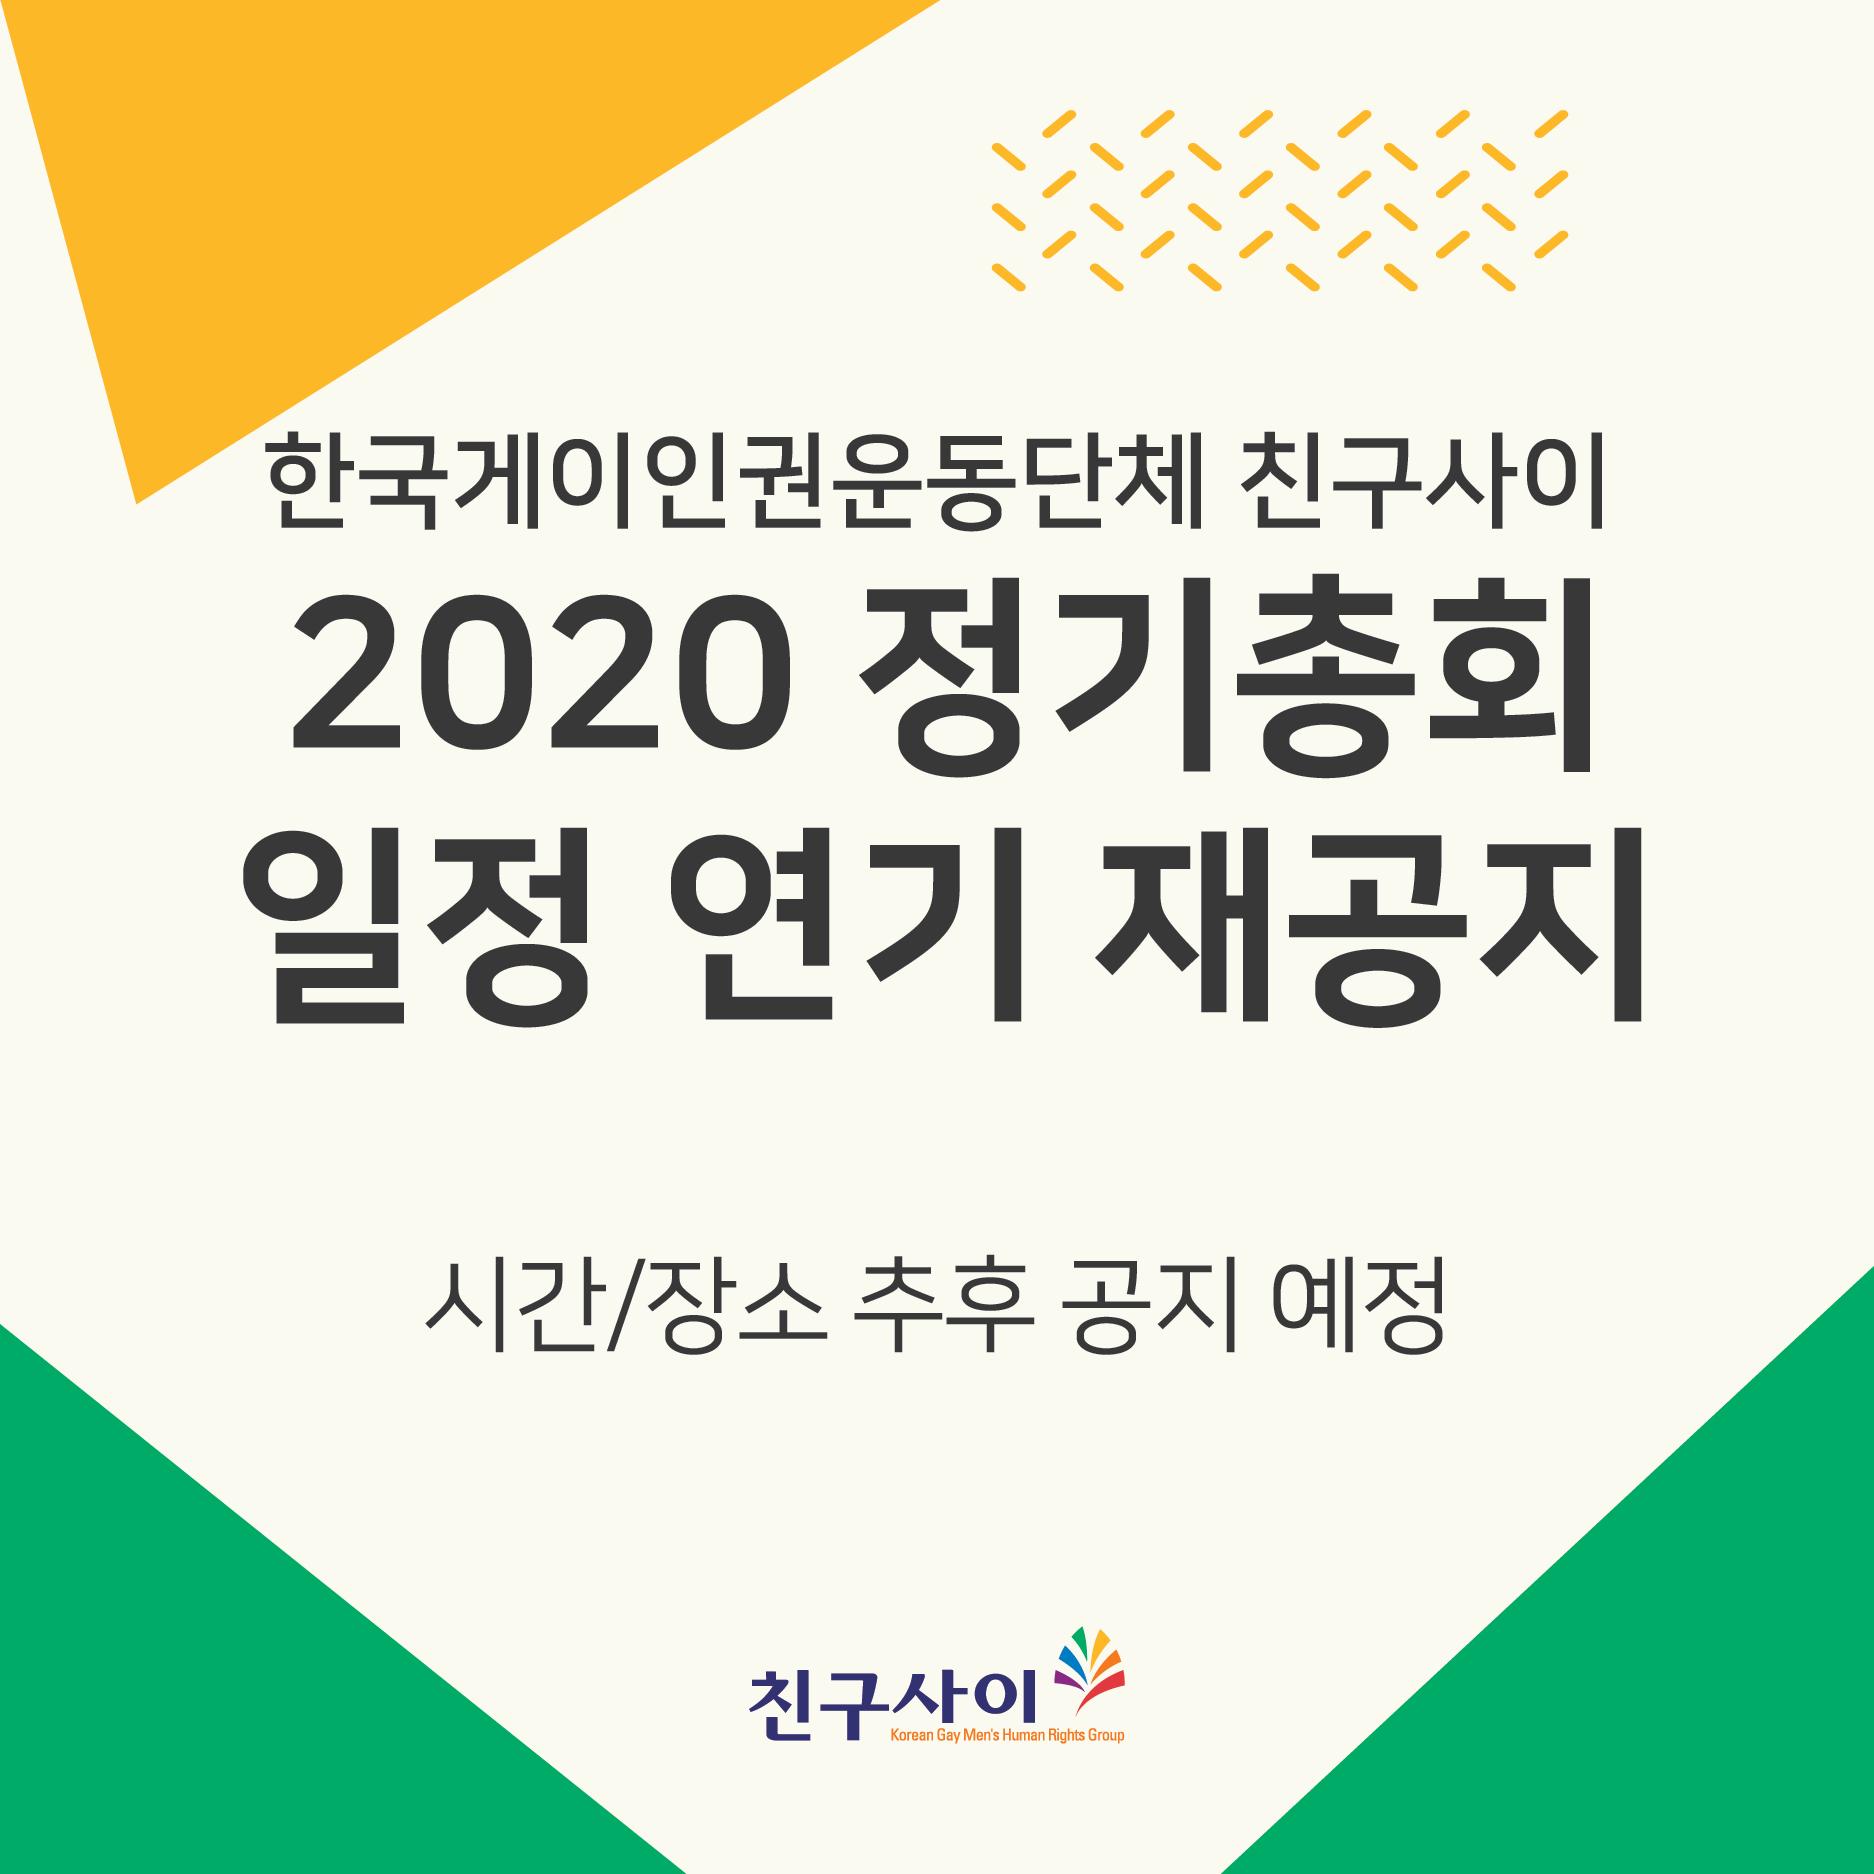 2020_총회연기_3.png